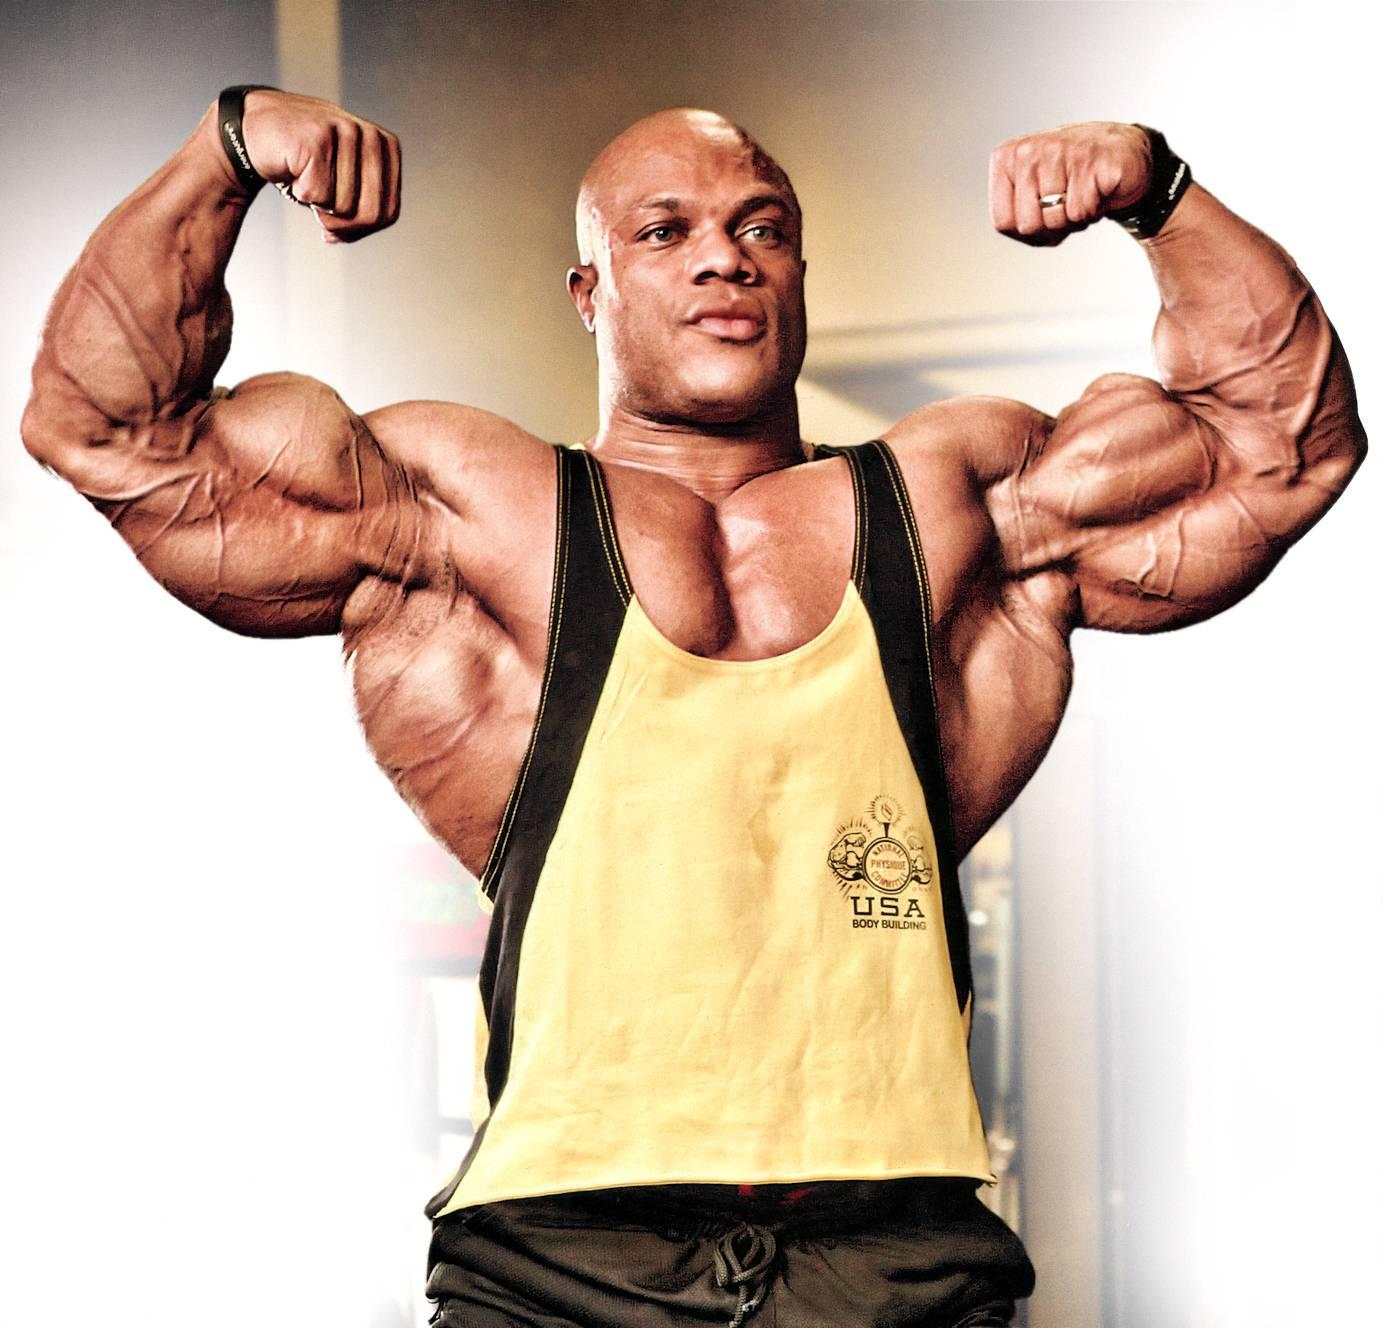 Фил хит- шестикратный мистер олимпия, тренировки и питание